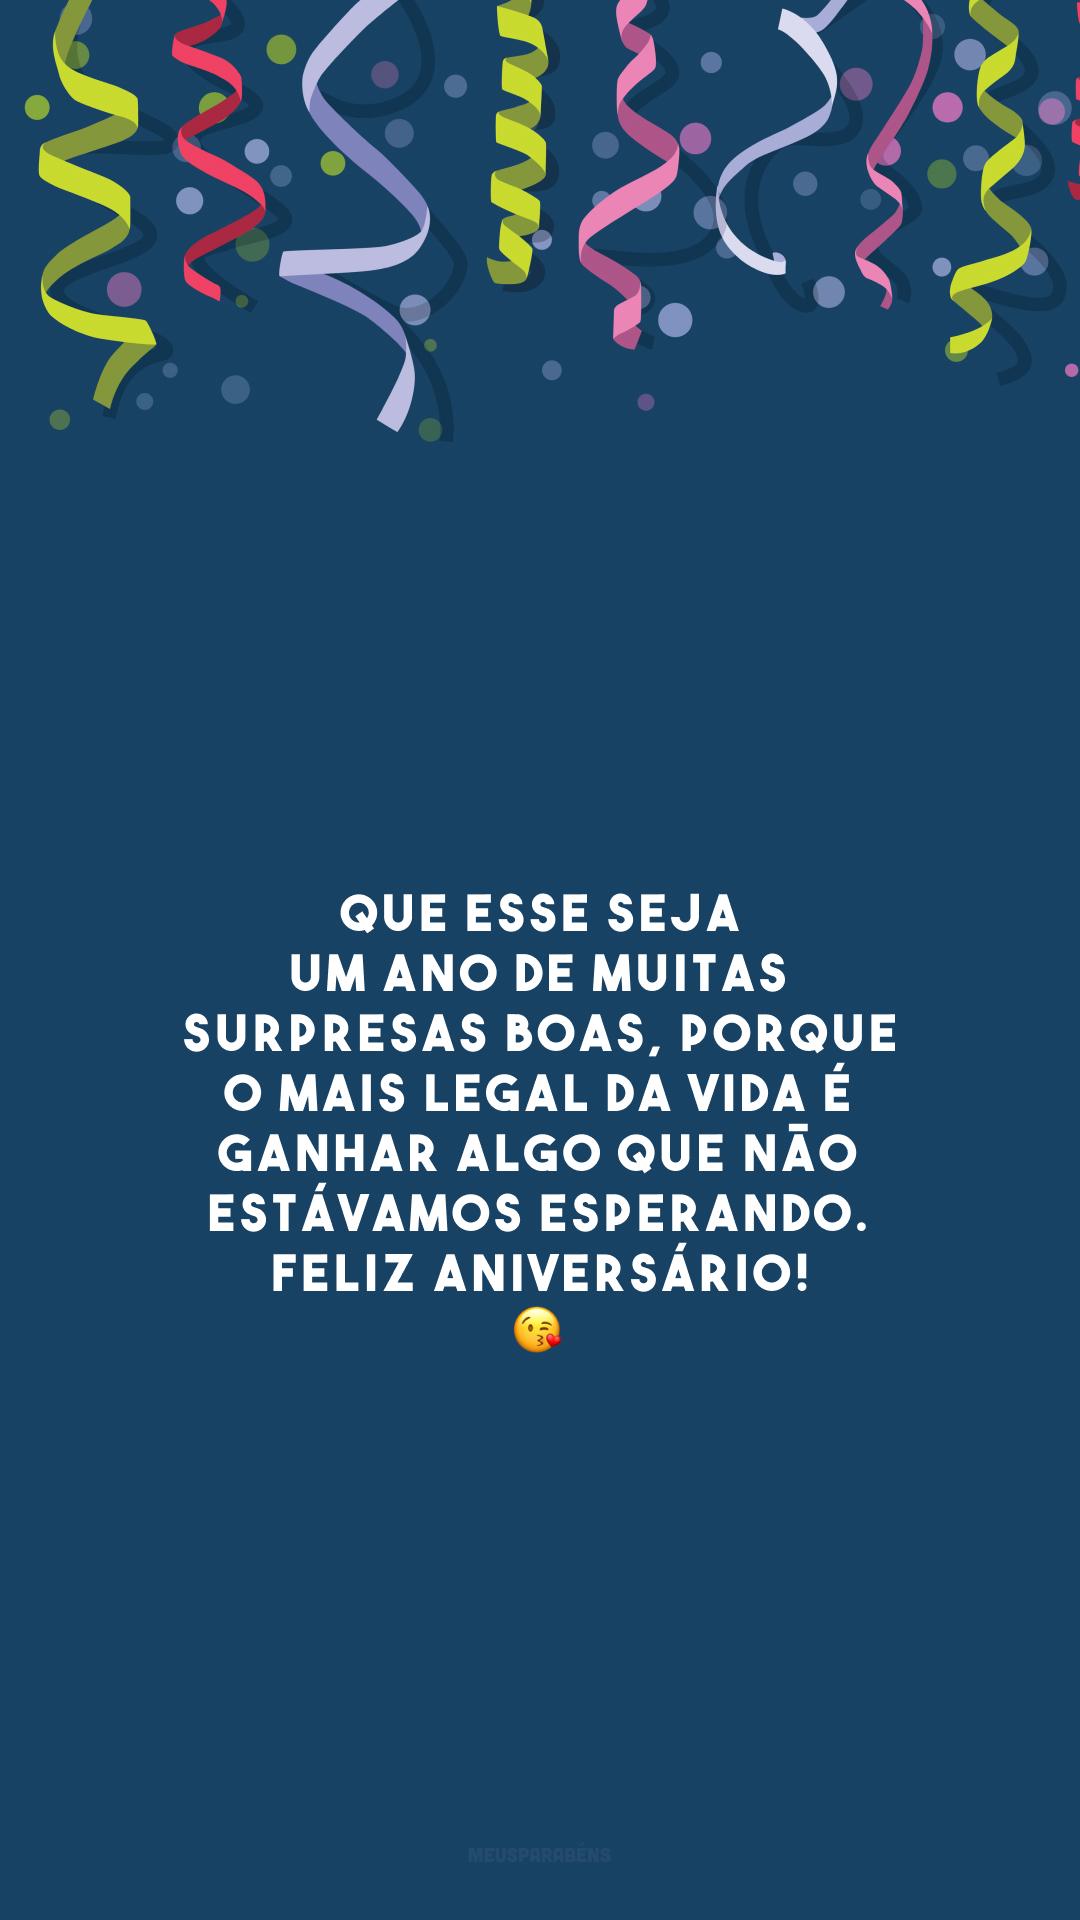 Que esse seja um ano de muitas surpresas boas, porque o mais legal da vida é ganhar algo que não estávamos esperando. Feliz aniversário! 😘